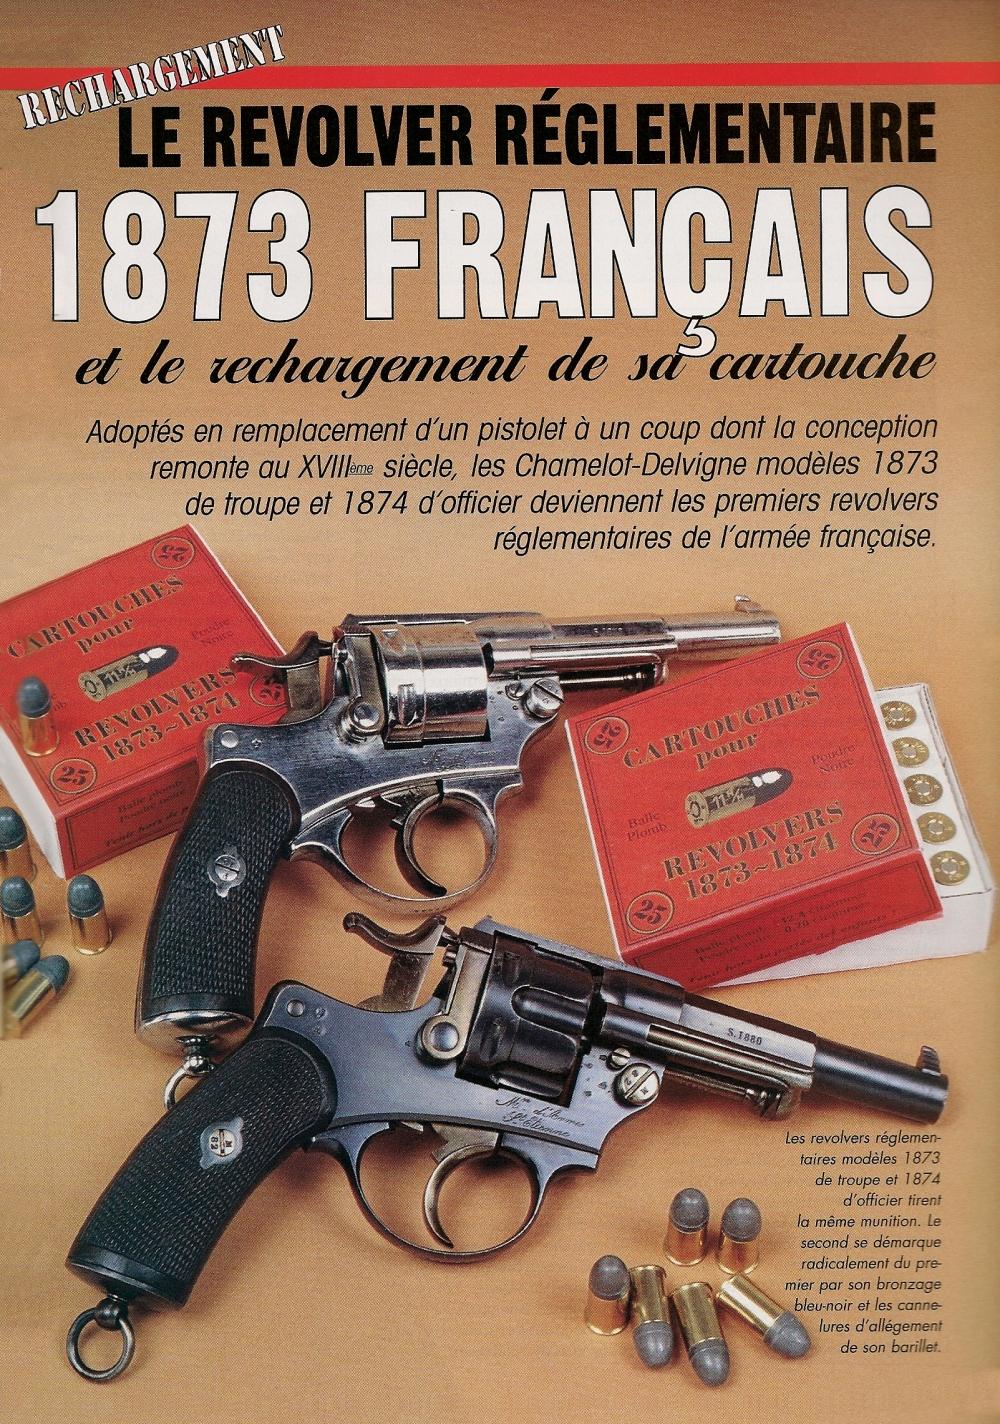 Les revolvers réglementaires modèles 1873 de troupe et 1874 d'officier tirent la même munition. Le second se démarque radicalement du premier par son bronzage bleu-noir et les cannelures d'allègement de son barillet.